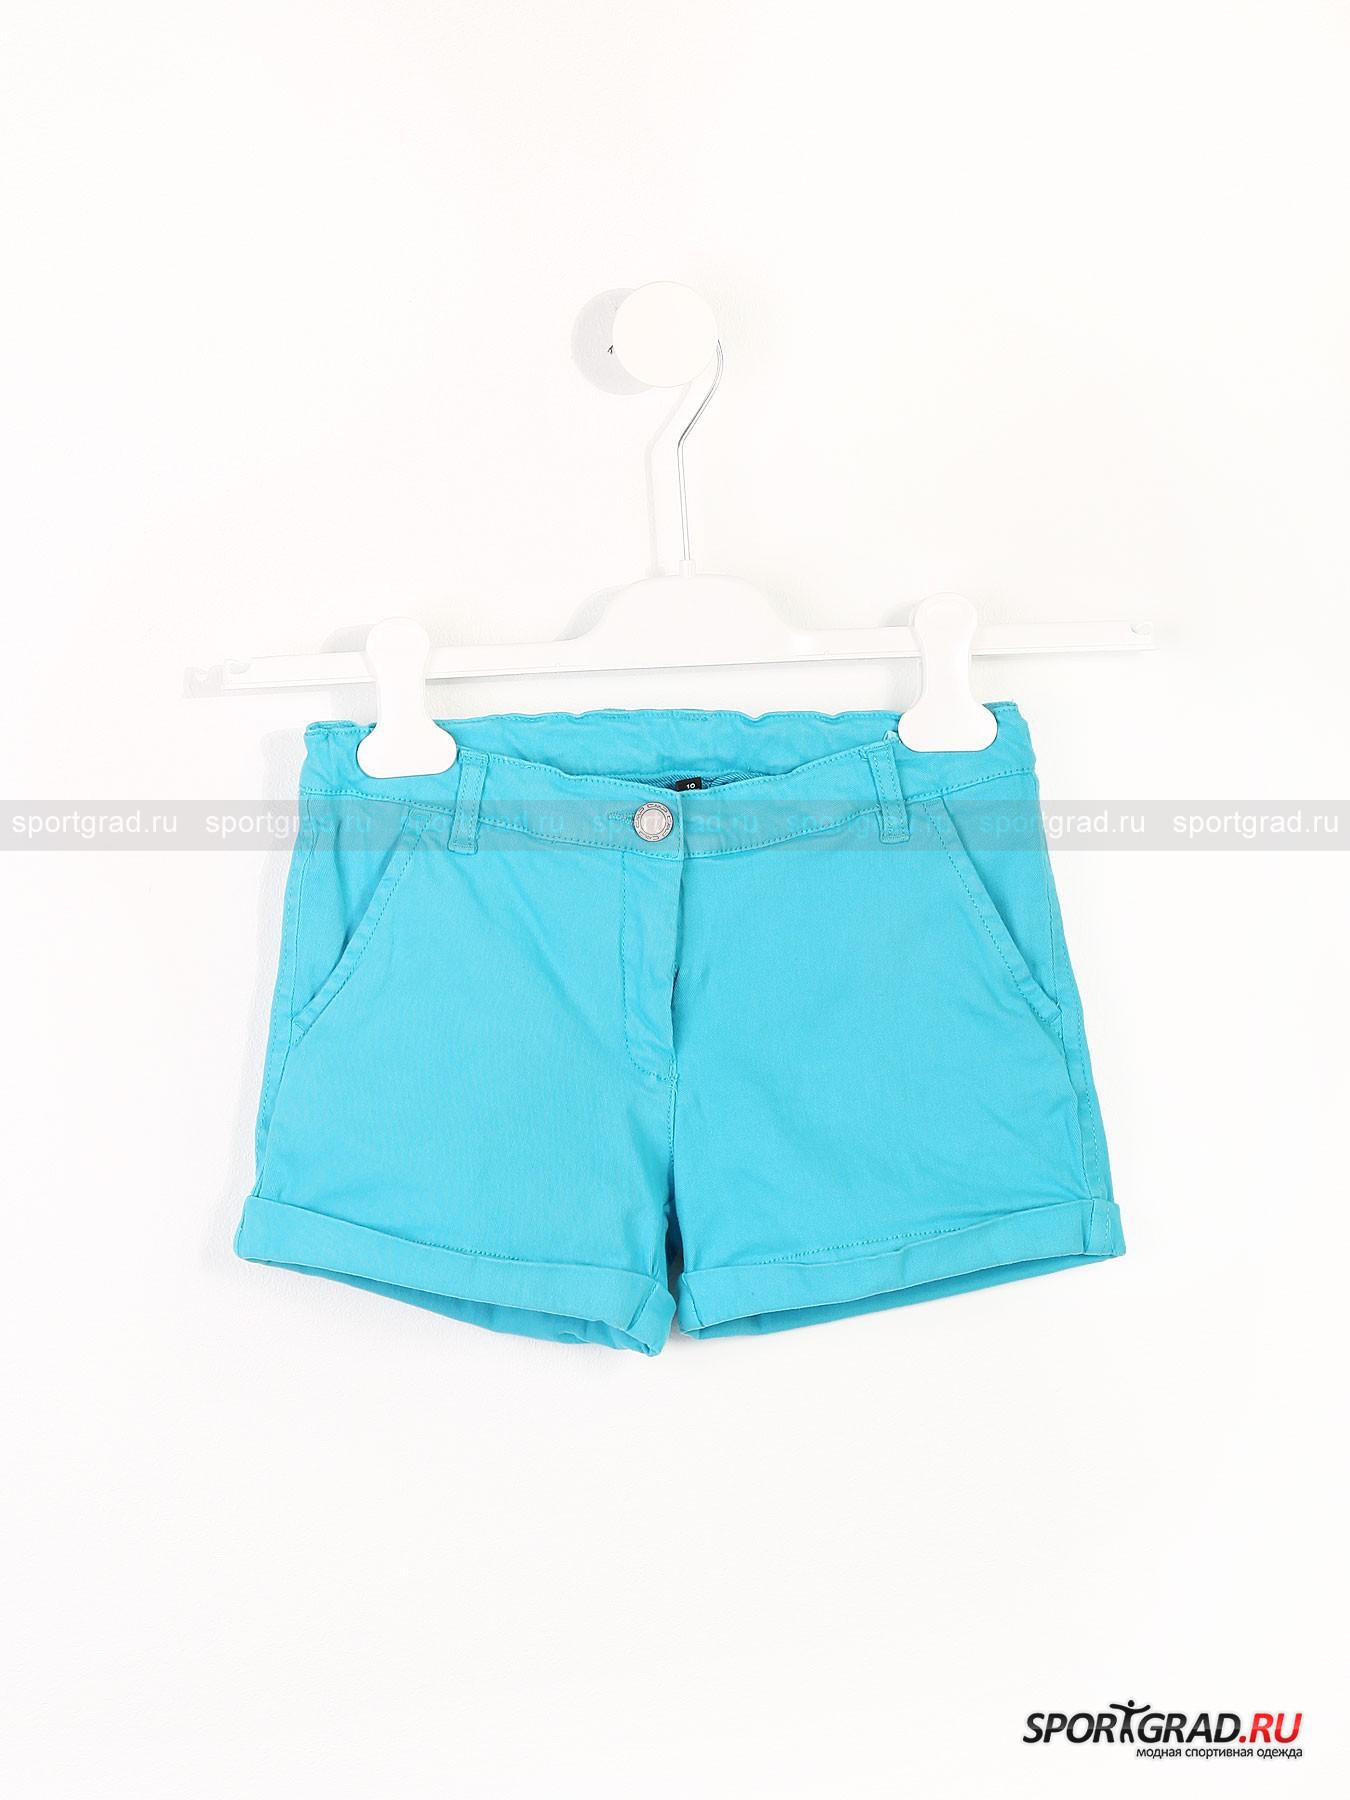 Шорты для девочек STRETCH SHORT CAMPAGNOLOШорты, Велосипедки<br>Плотные джинсовые шорты от CAMPAGNOLO порадуют Вашу юную модницу своим удобством и, конечно же, стильным внешним видом. Модель имеет стильный подворот и 4 кармана, а также снабжены удобным притачным поясом с резинкой и специальными пуговицами для подгонки. Благодаря наличию в составе ткани спандекса шорты идеально садятся по фигуре и совсем не стесняют движений. Непревзойдённый комфорт и casual стиль от CMP.<br><br>Возраст: Детский<br>Тип: Шорты, Велосипедки<br>Рекомендации по уходу: Ручная стирка при 30 градусах, щадящий ручной отжим, гладить при температуре до 120 градусов.<br>Состав: 97% хлопок, 3% эластан.